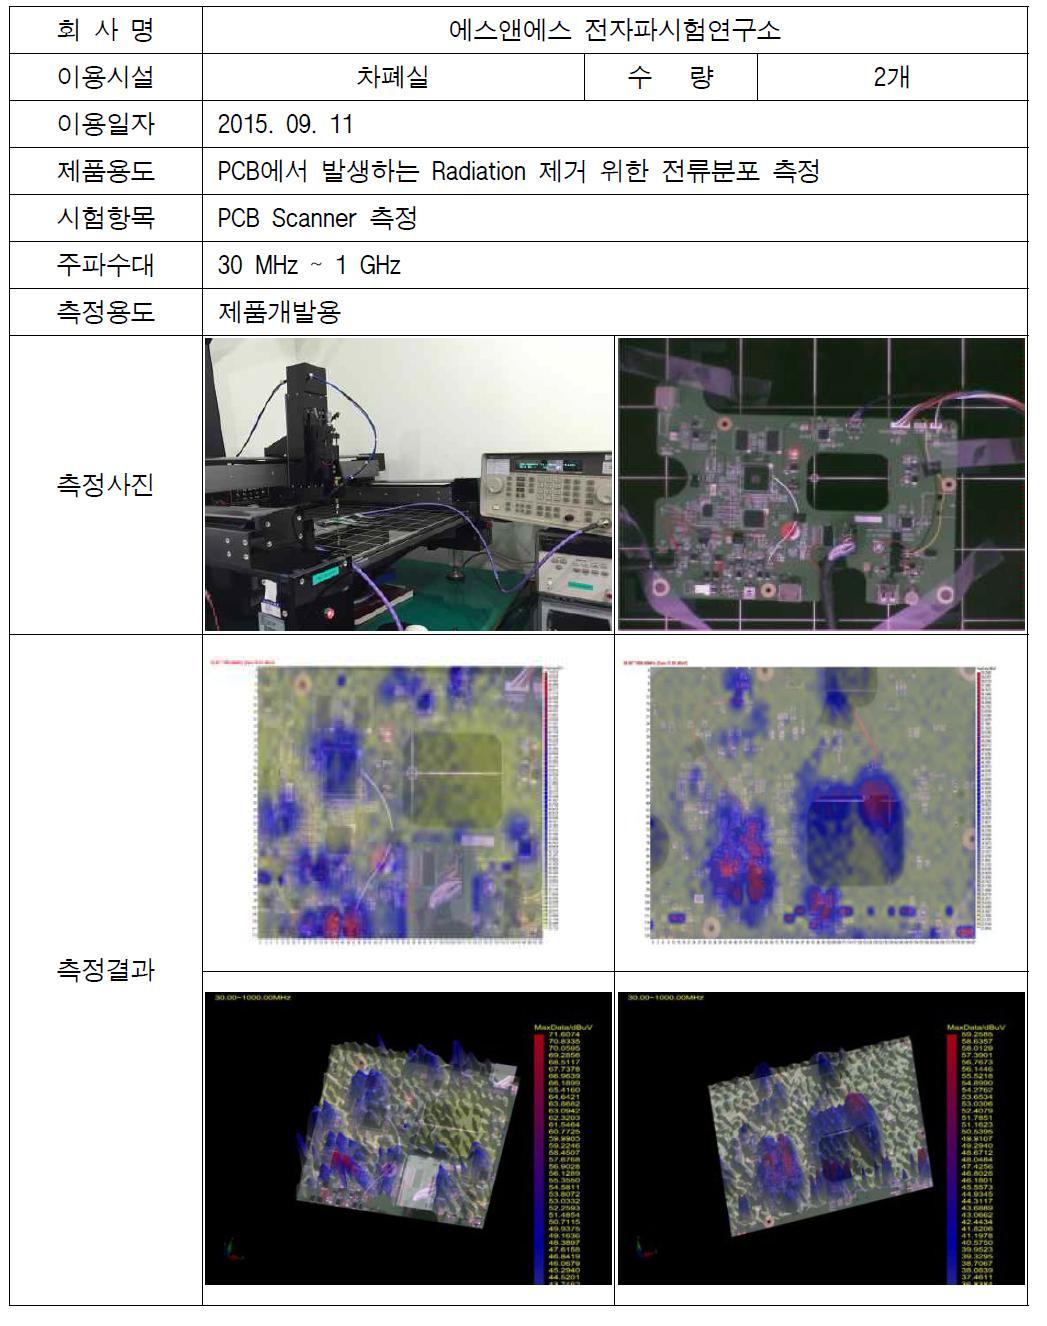 전자확대기 PCB Scanner 측정 결과